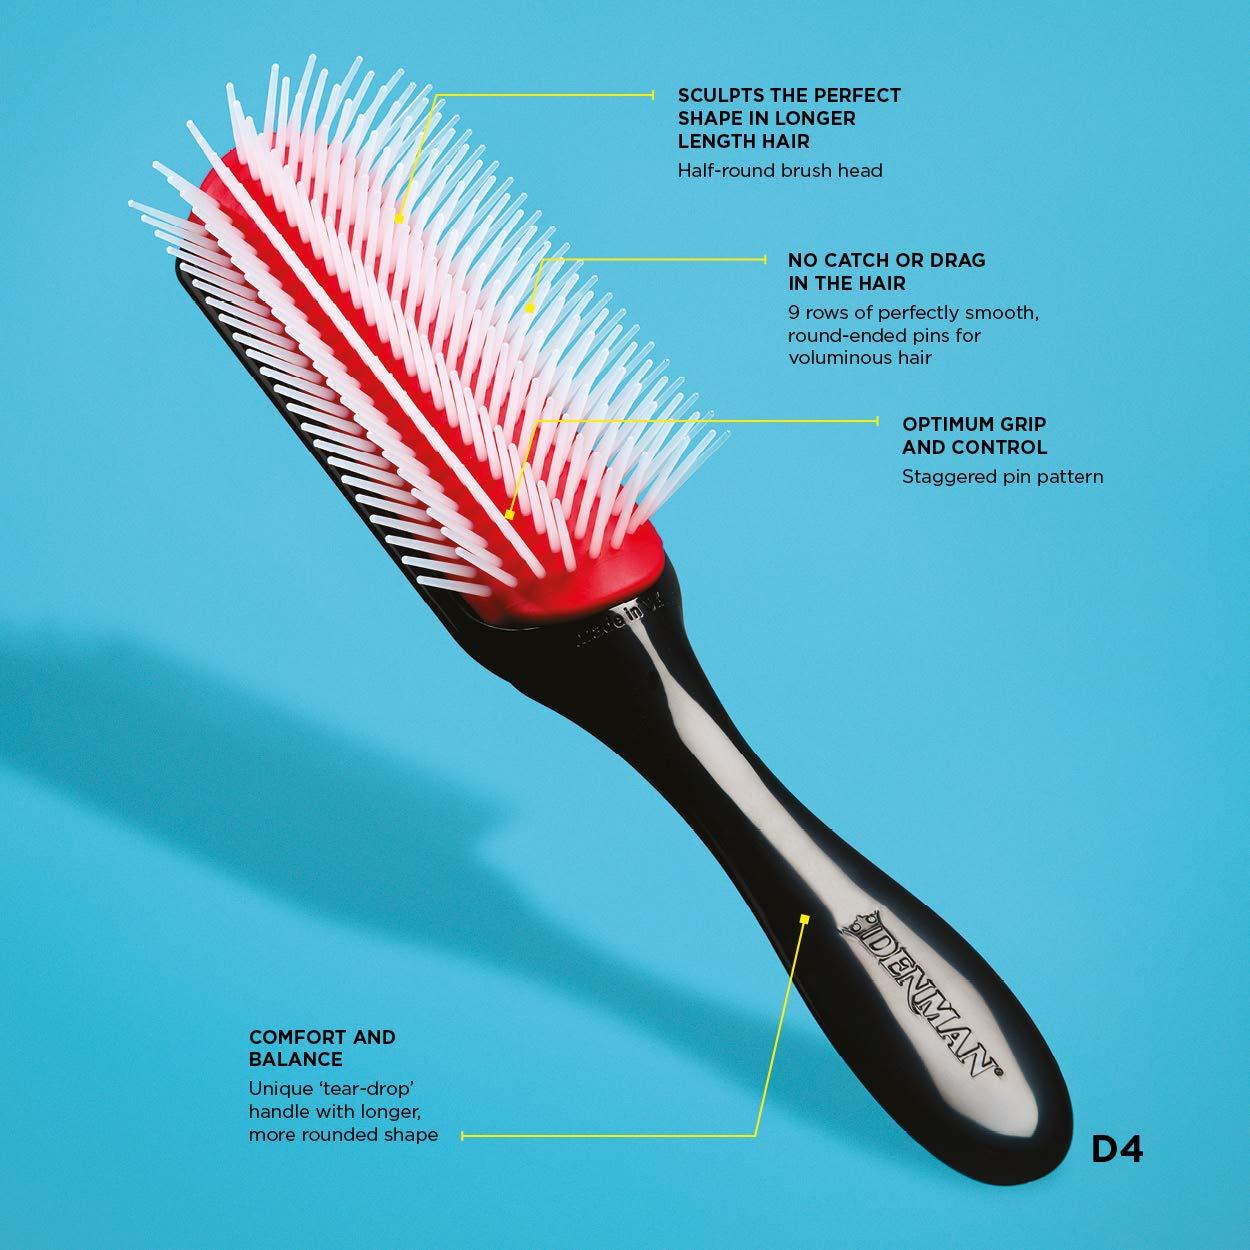 Denman, Cepillo para el pelo (D4 con 9 Hileras) - 10 gr.: Amazon.es: Belleza